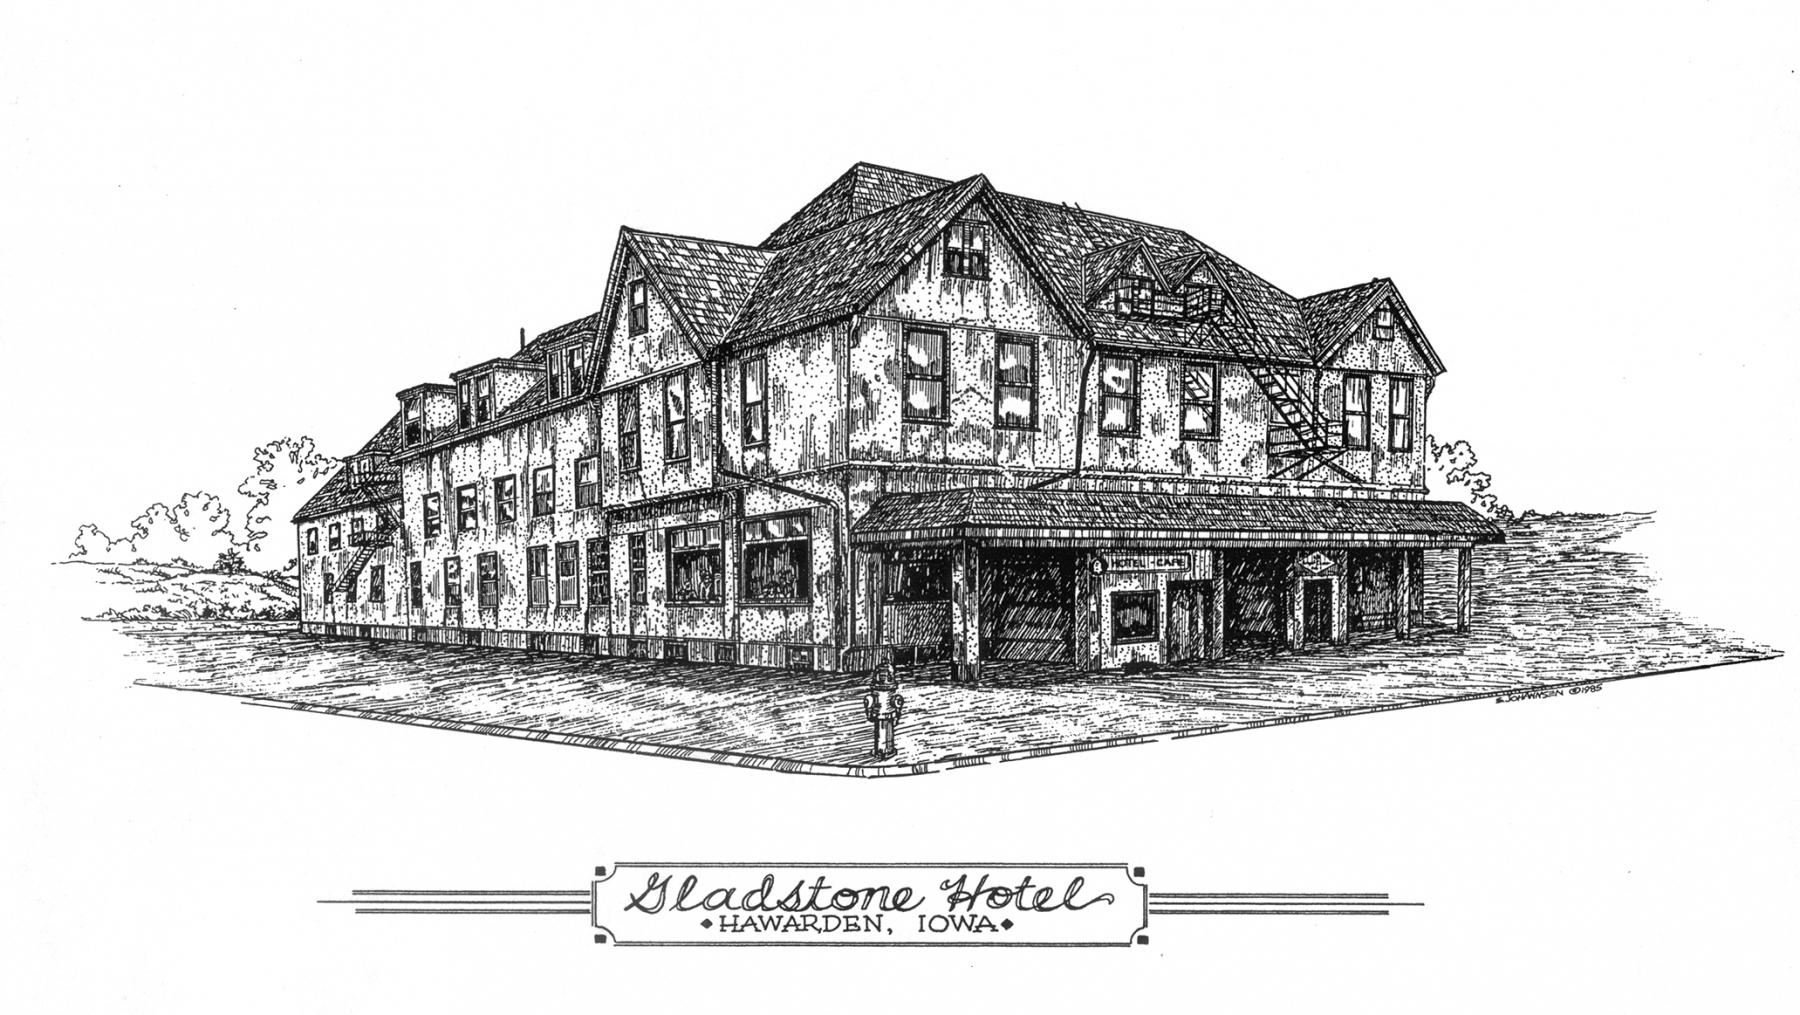 GladstoneHotel-copy